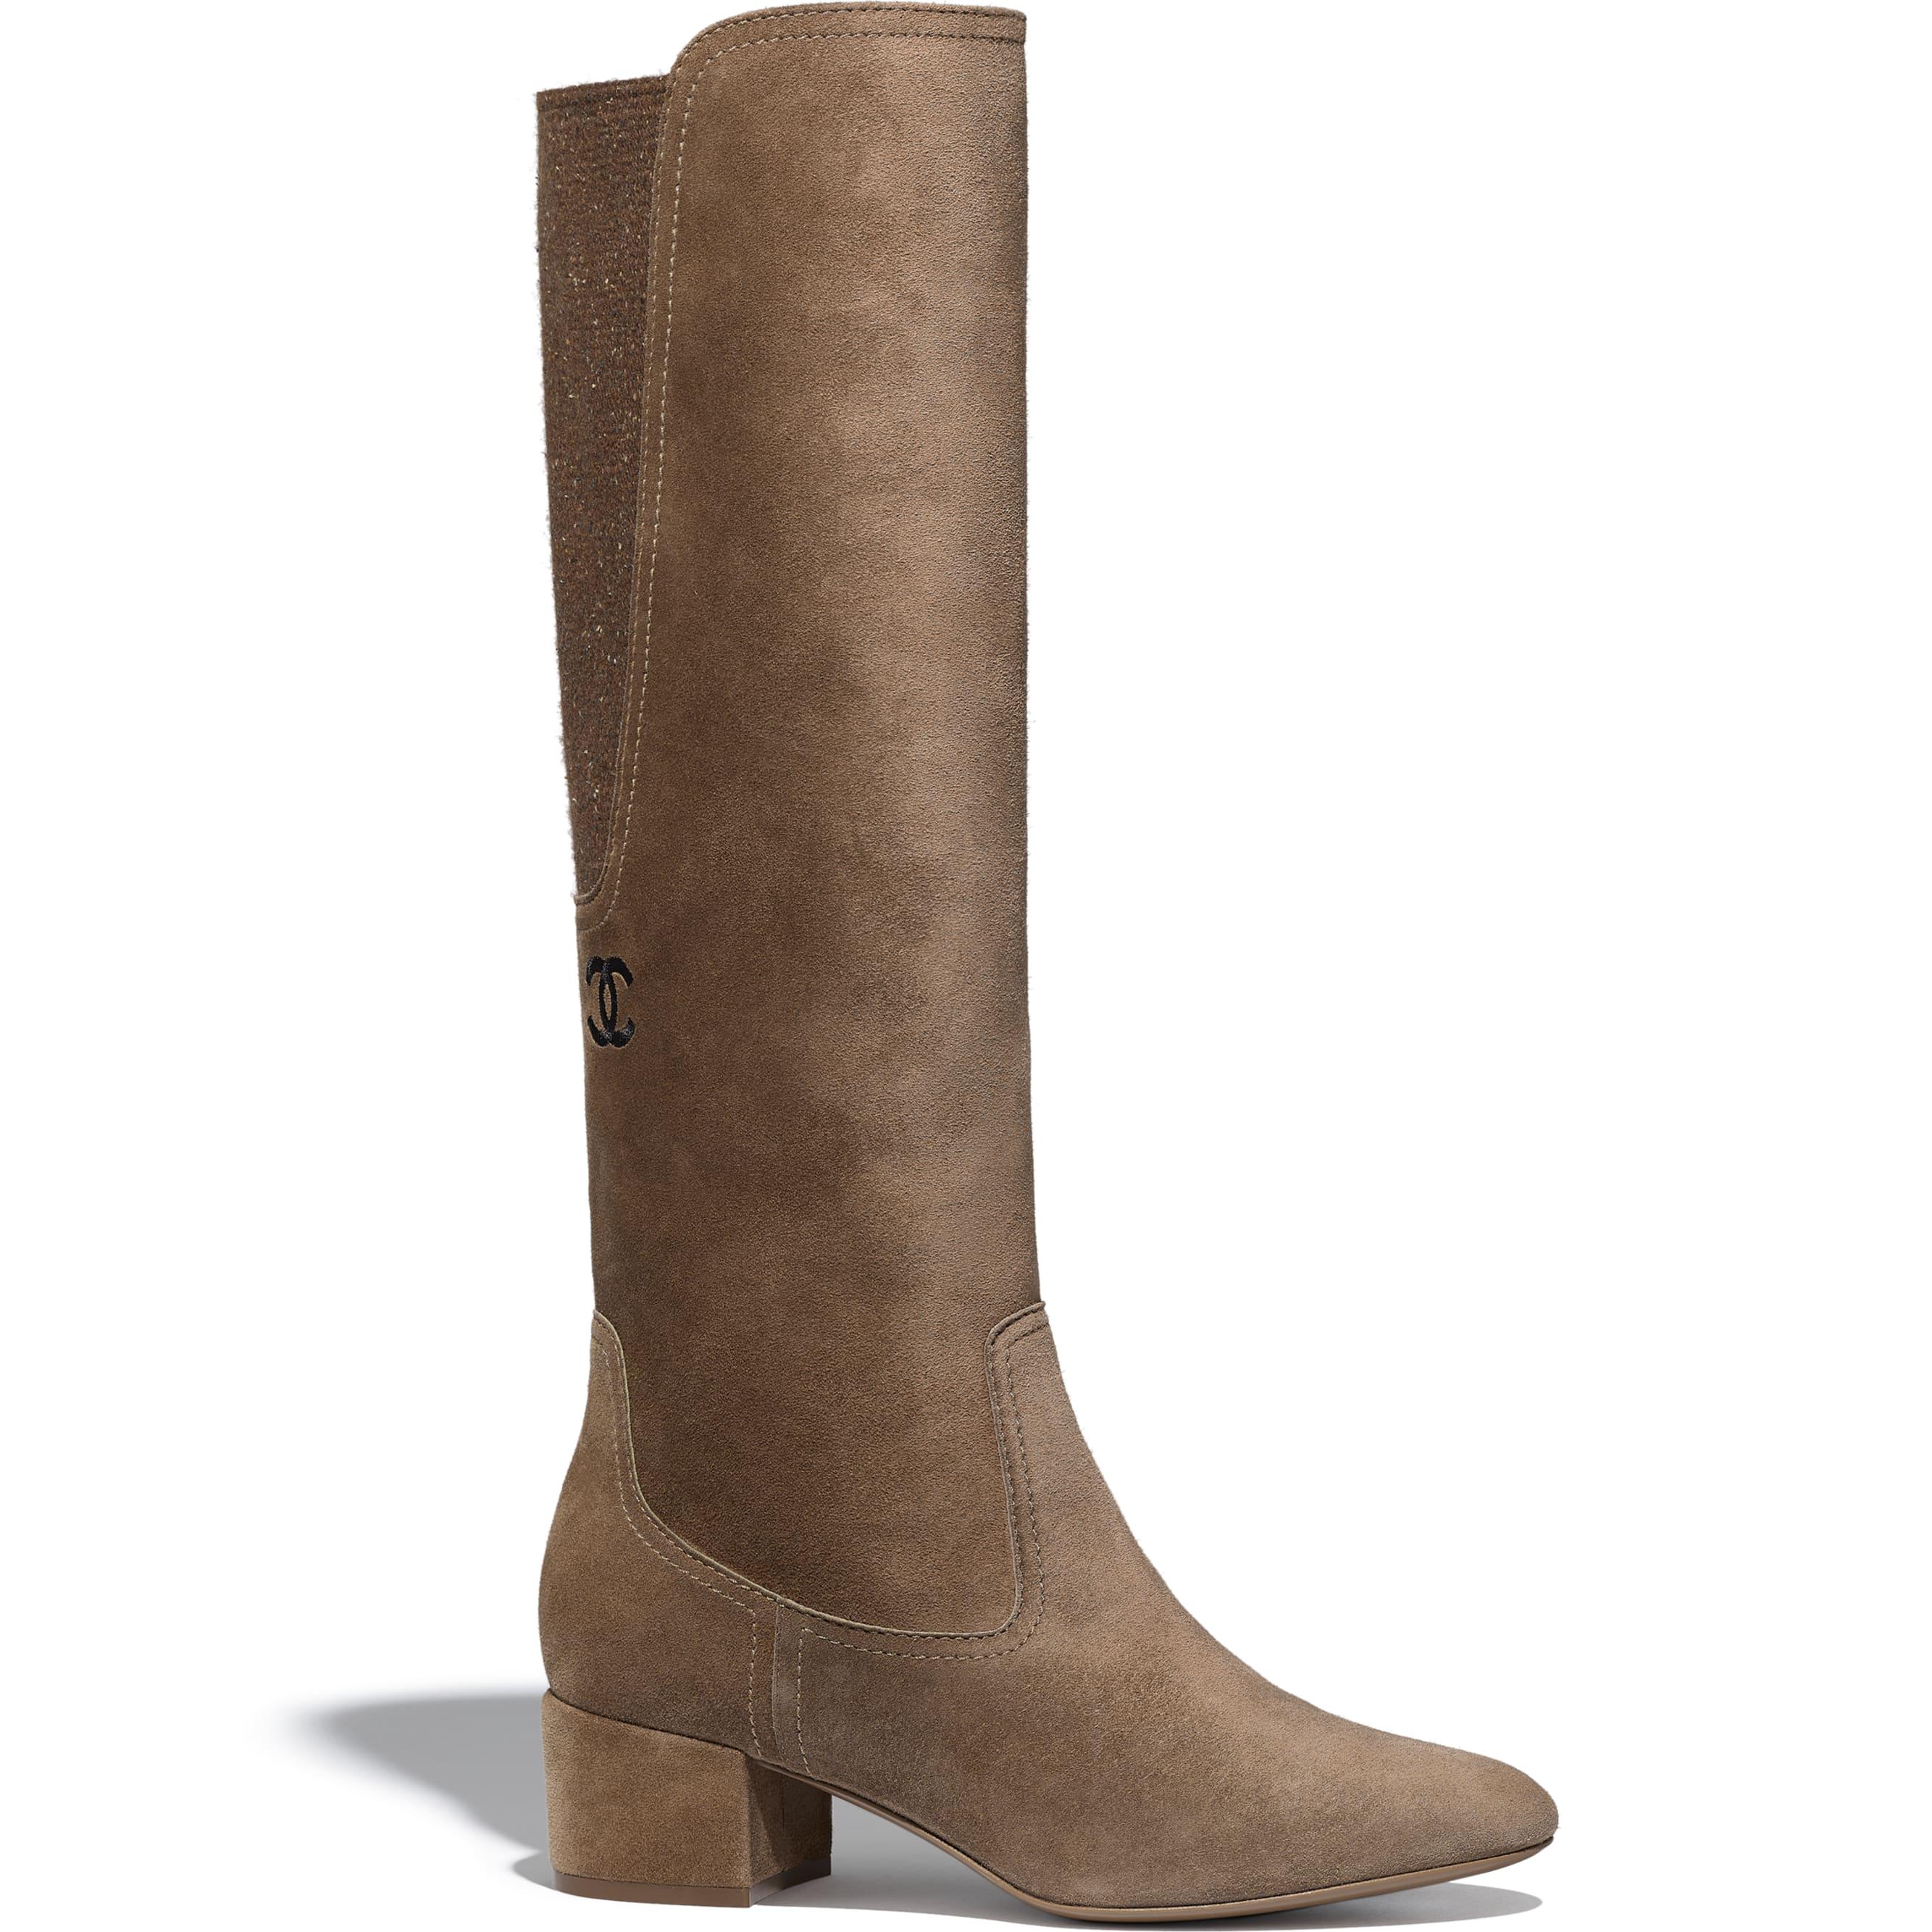 High Boots - Brown -  Velvet Calfskin & Mixed Fibers - Default view - see standard sized version